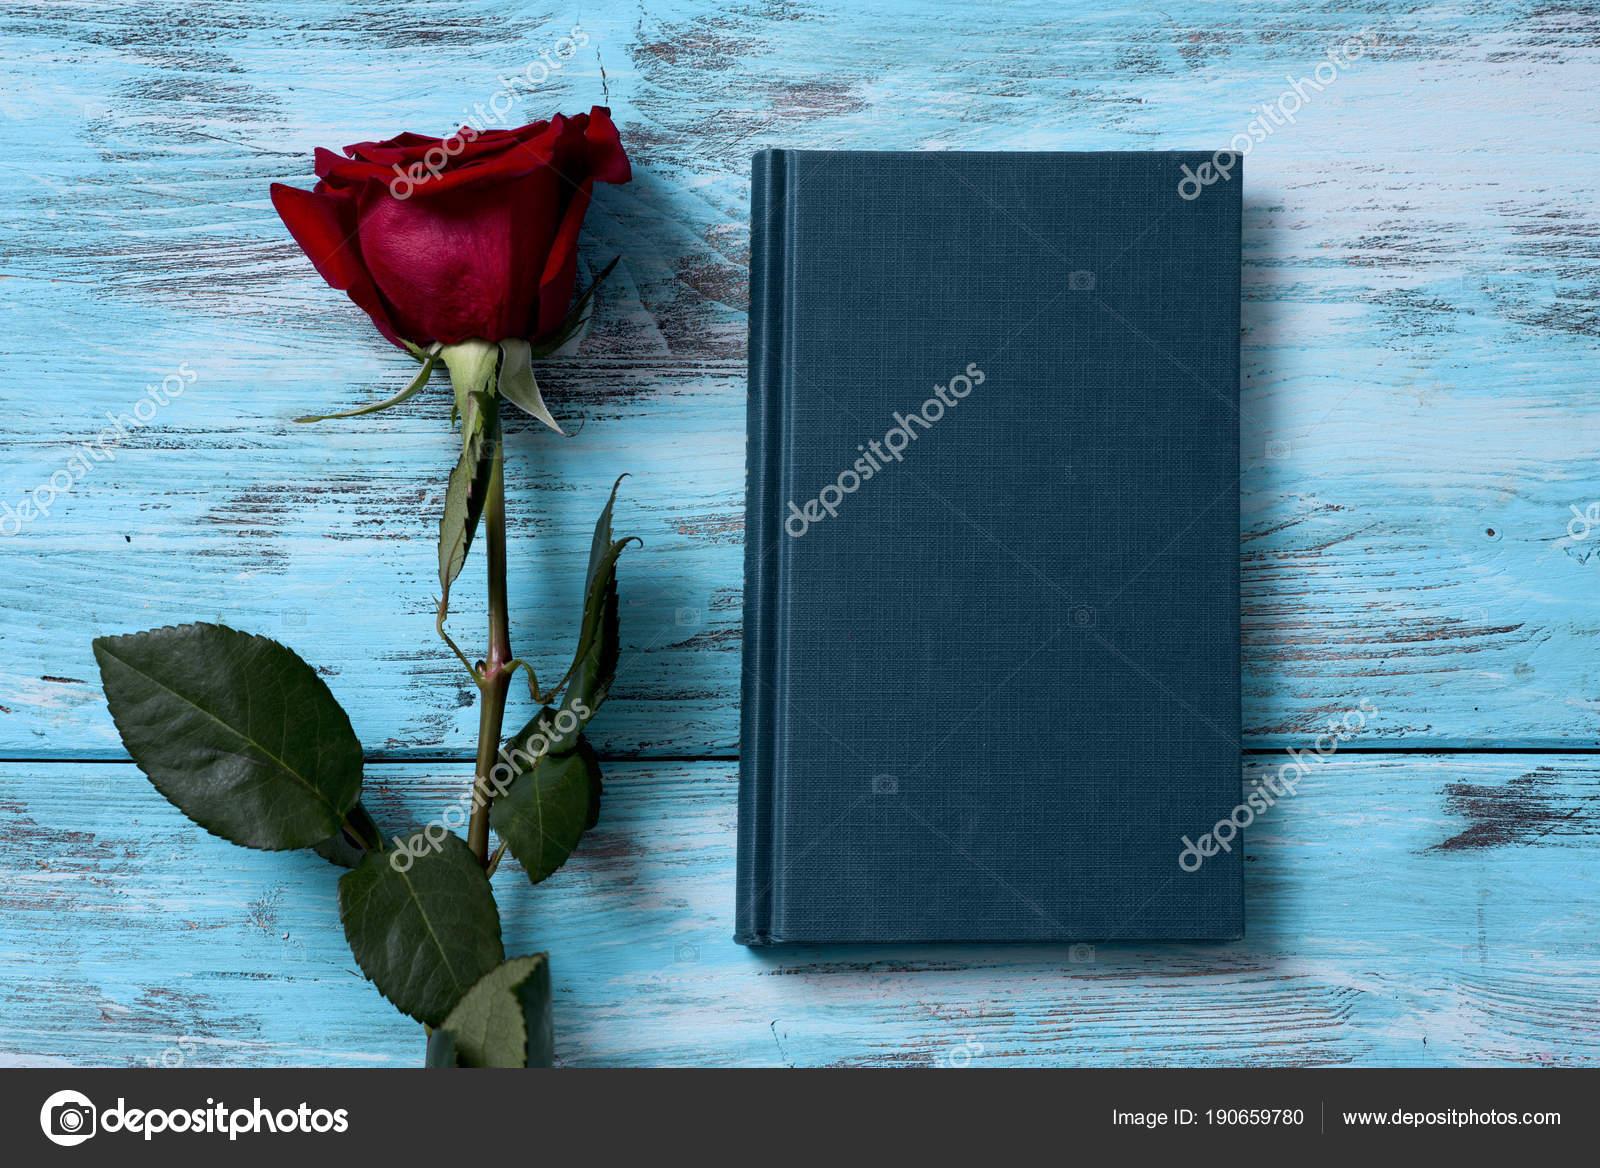 Czerwona Róża I Książki Zdjęcie Stockowe Nito103 190659780